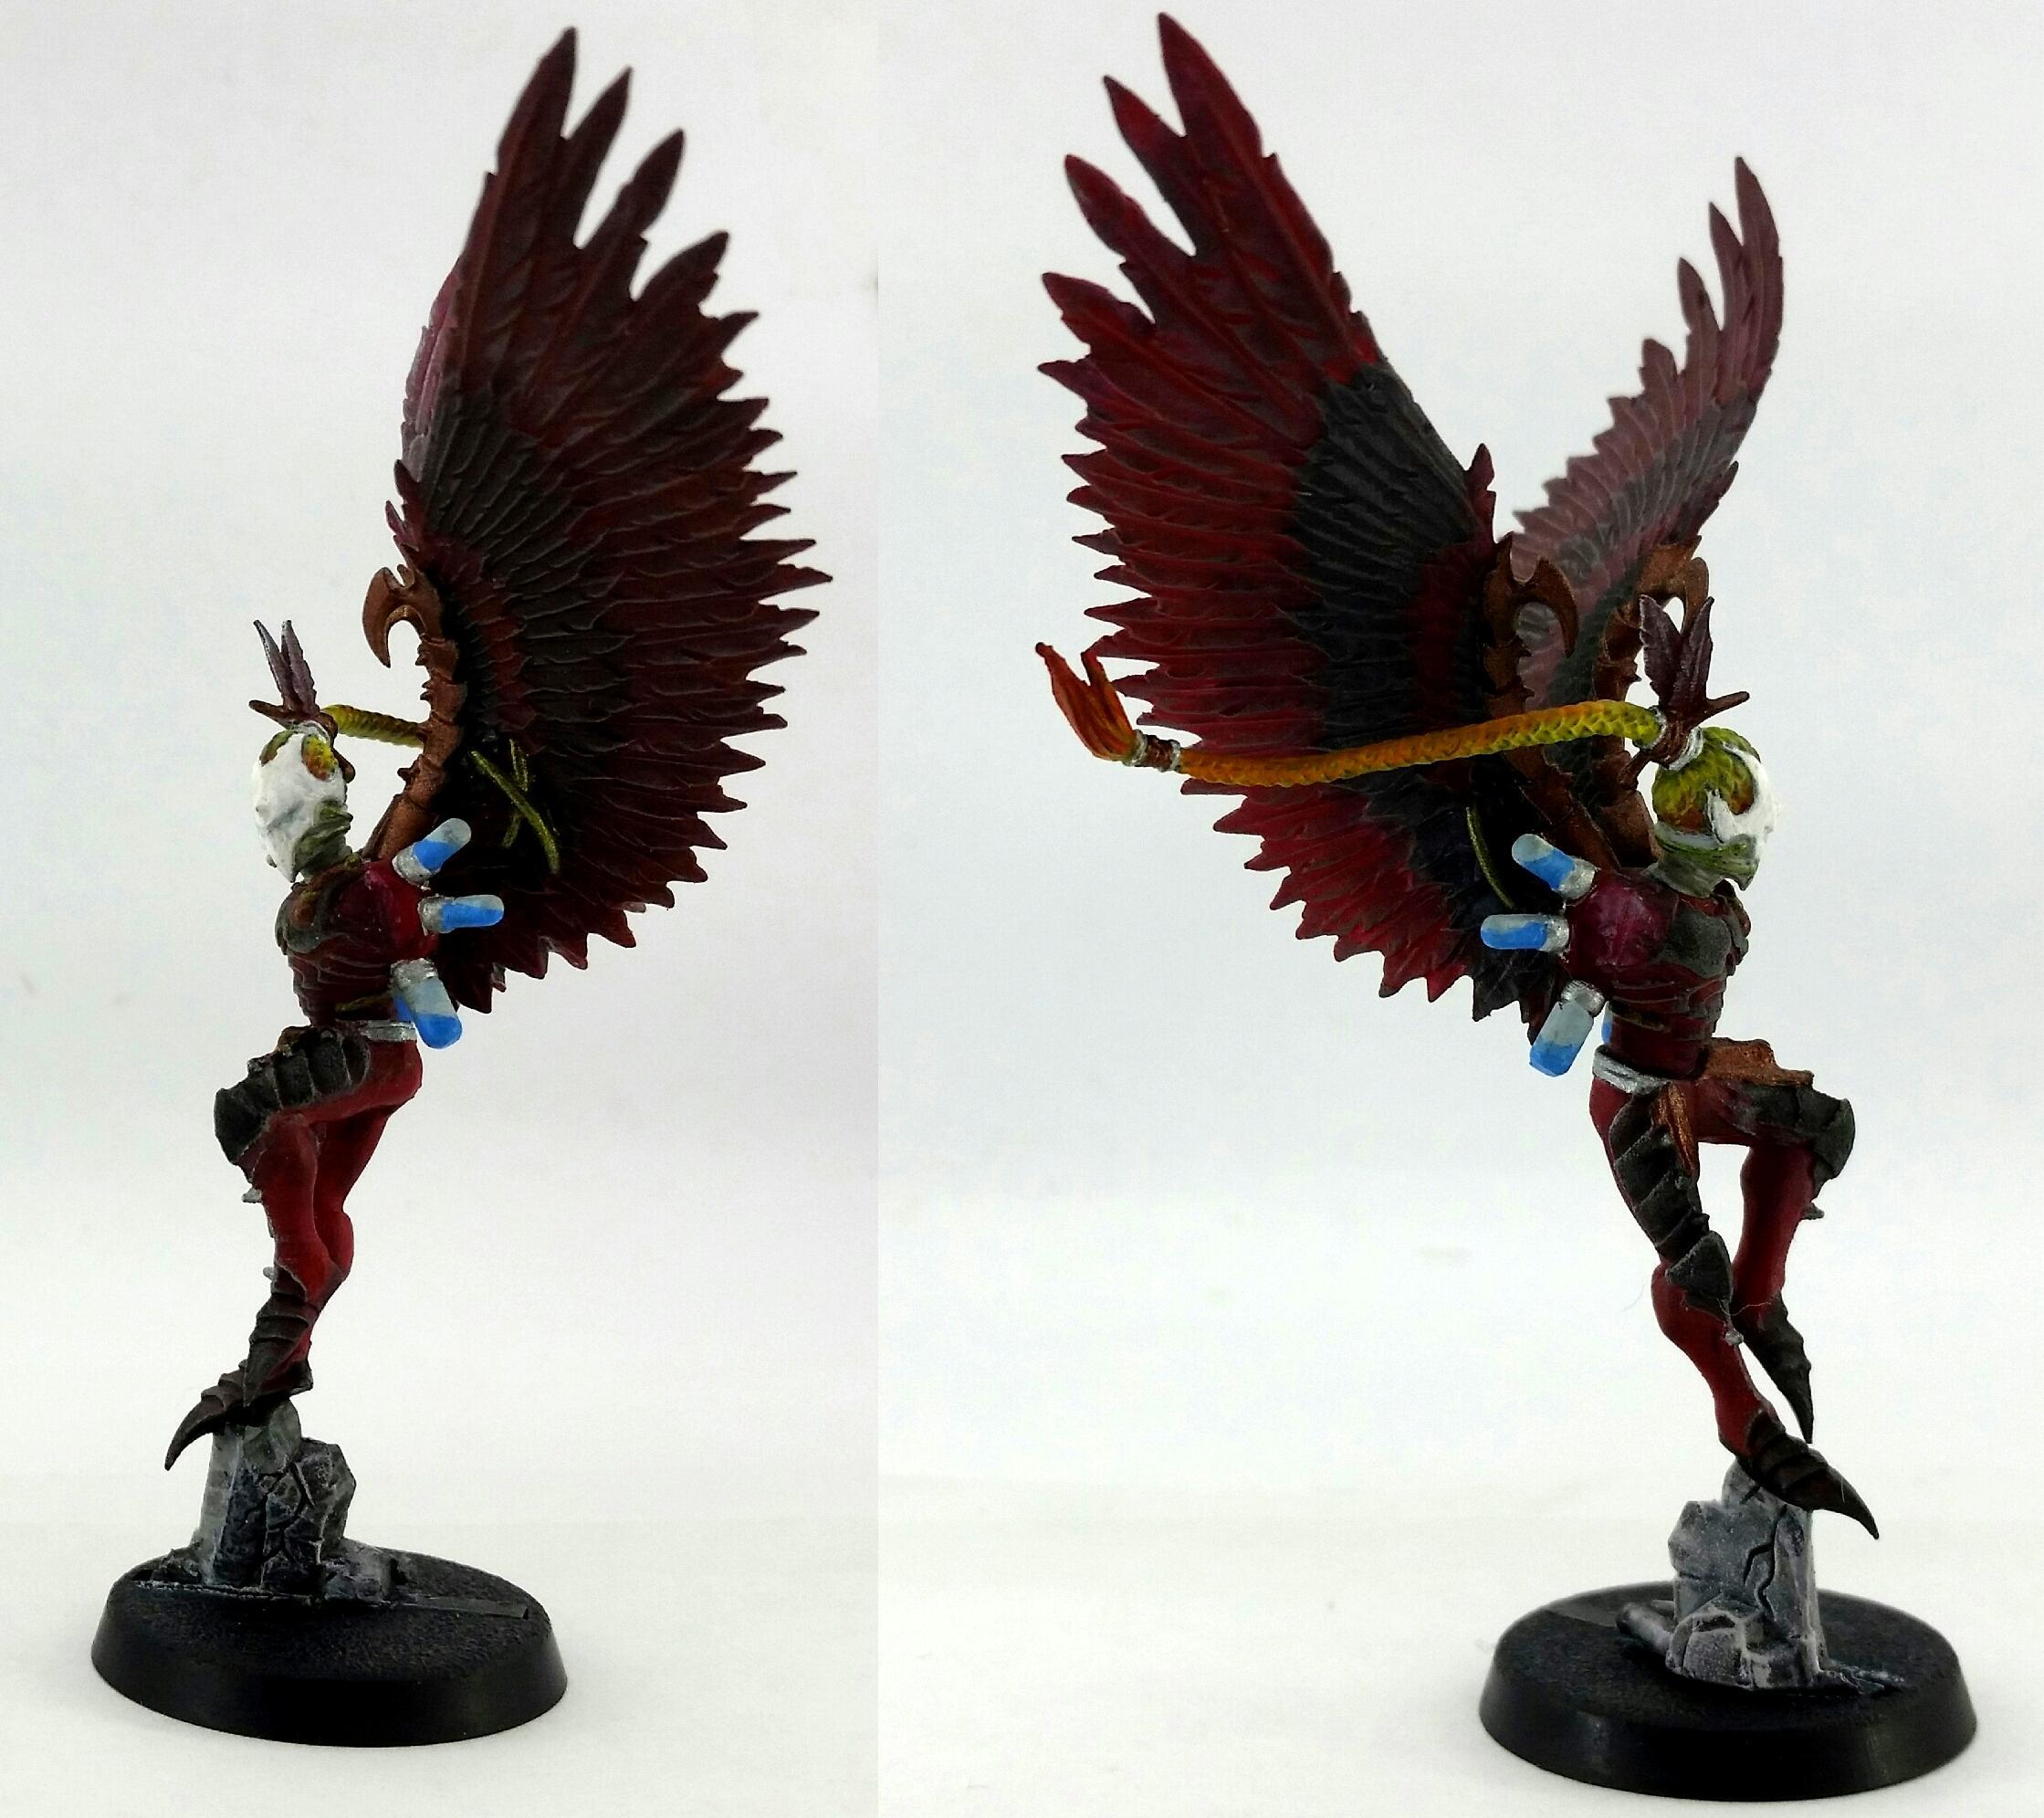 Dark Eldar, Scourge, Solarite, Warhammer 40,000